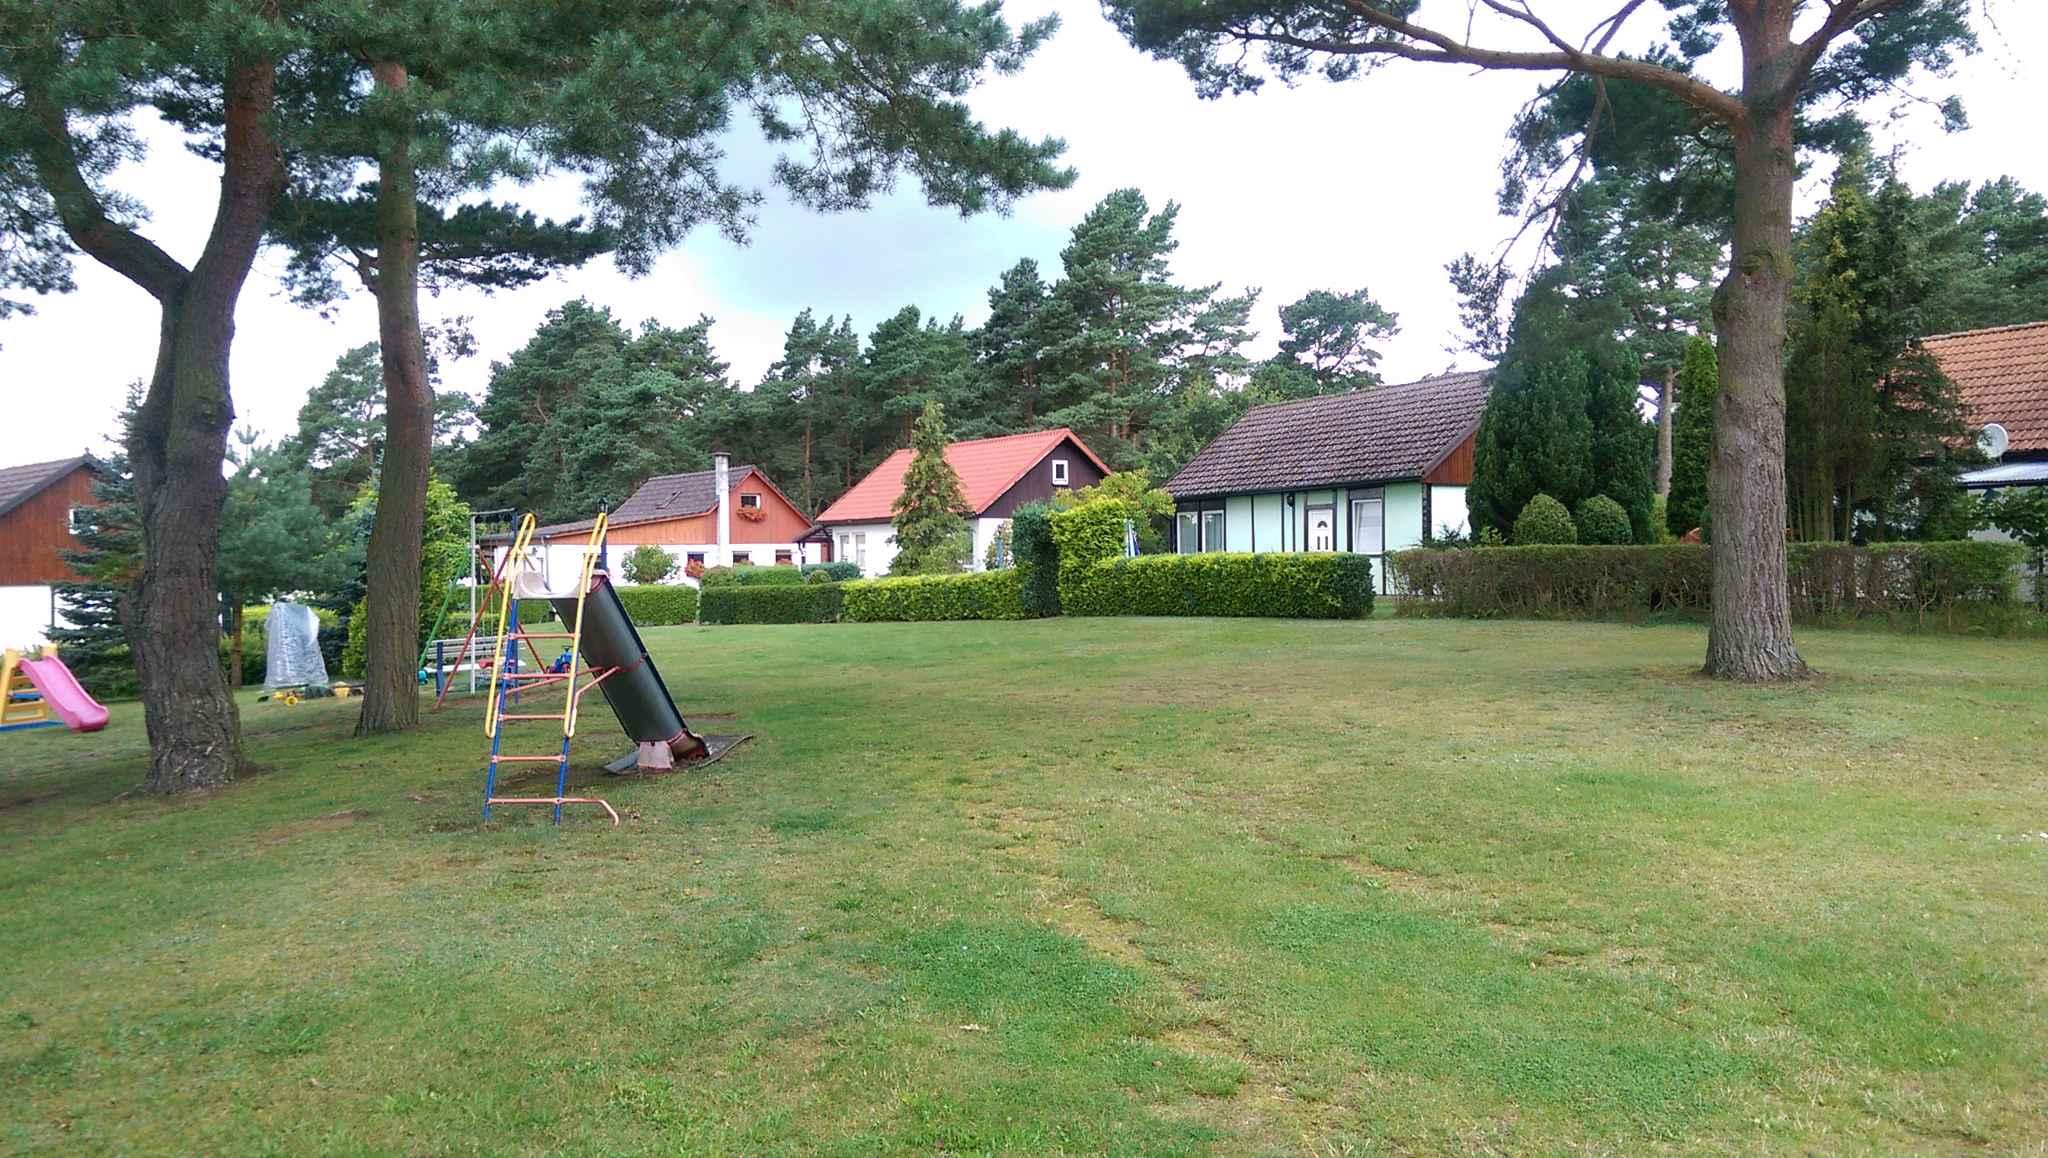 Ferienhaus Bungalow mit Terrasse und Garten (356736), Fuhlendorf, Ostseeküste Mecklenburg-Vorpommern, Mecklenburg-Vorpommern, Deutschland, Bild 22